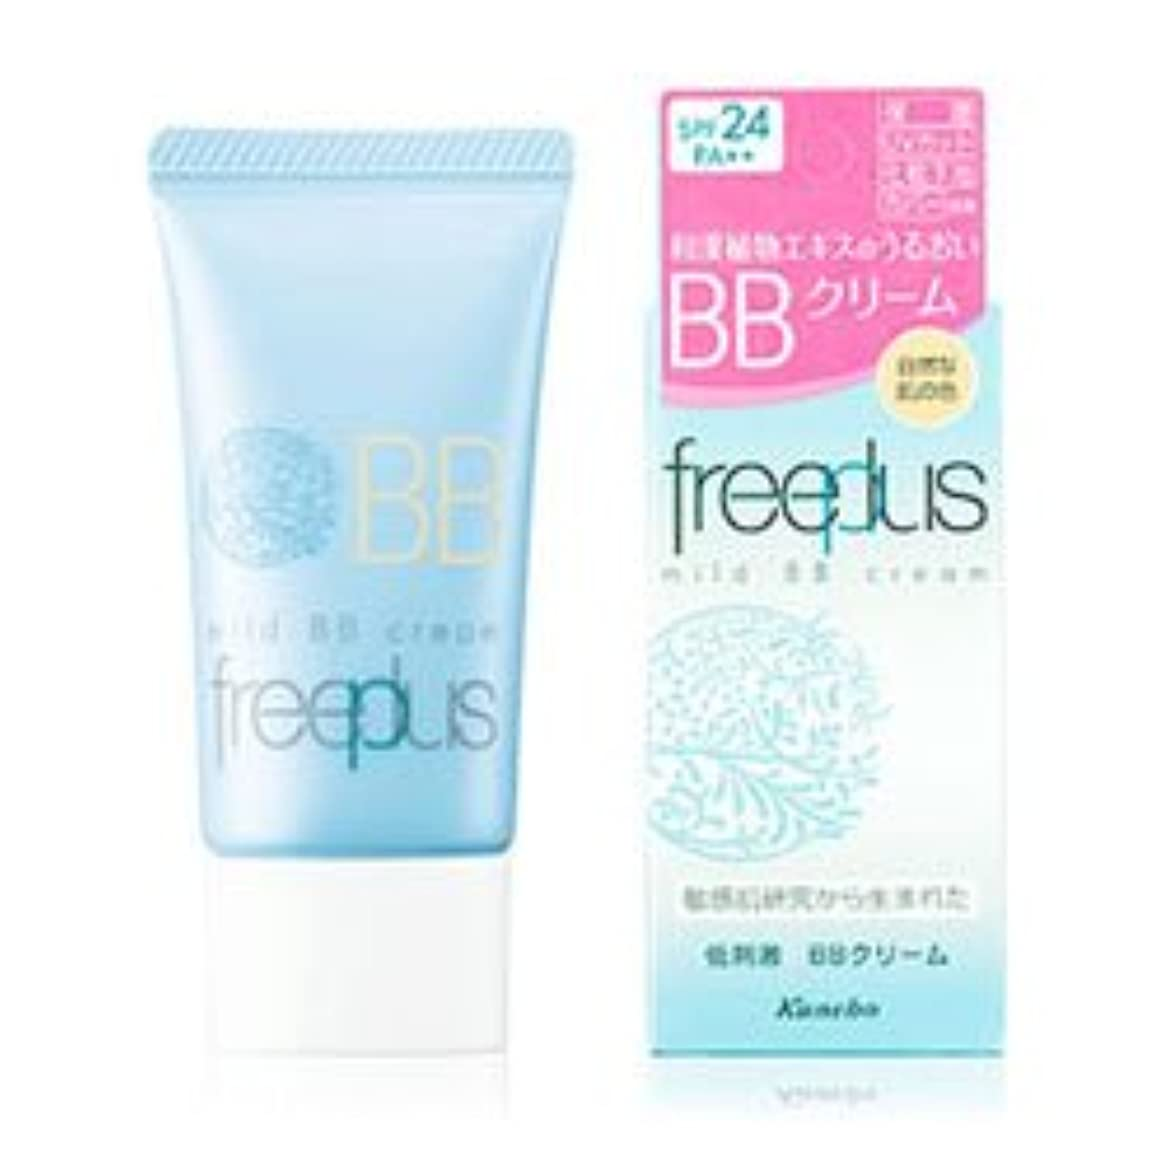 味わう発動機歌【カネボウ化粧品】freeplus フリープラス 30g ×3個セット